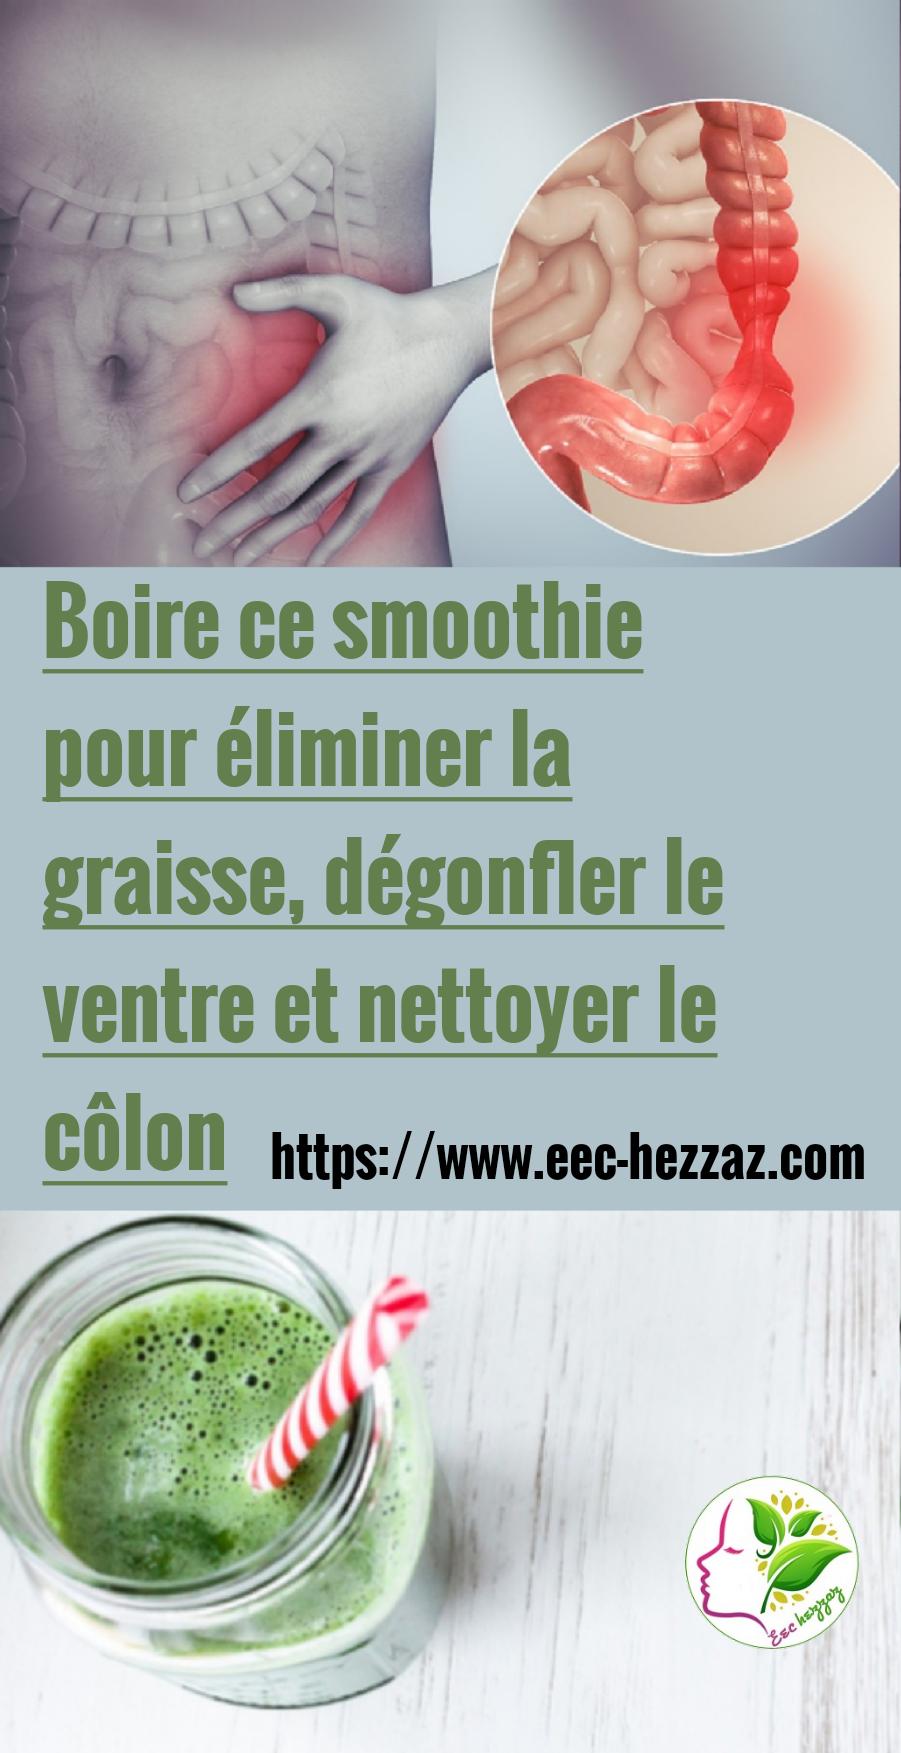 Boire ce smoothie pour éliminer la graisse, dégonfler le ventre et nettoyer le côlon